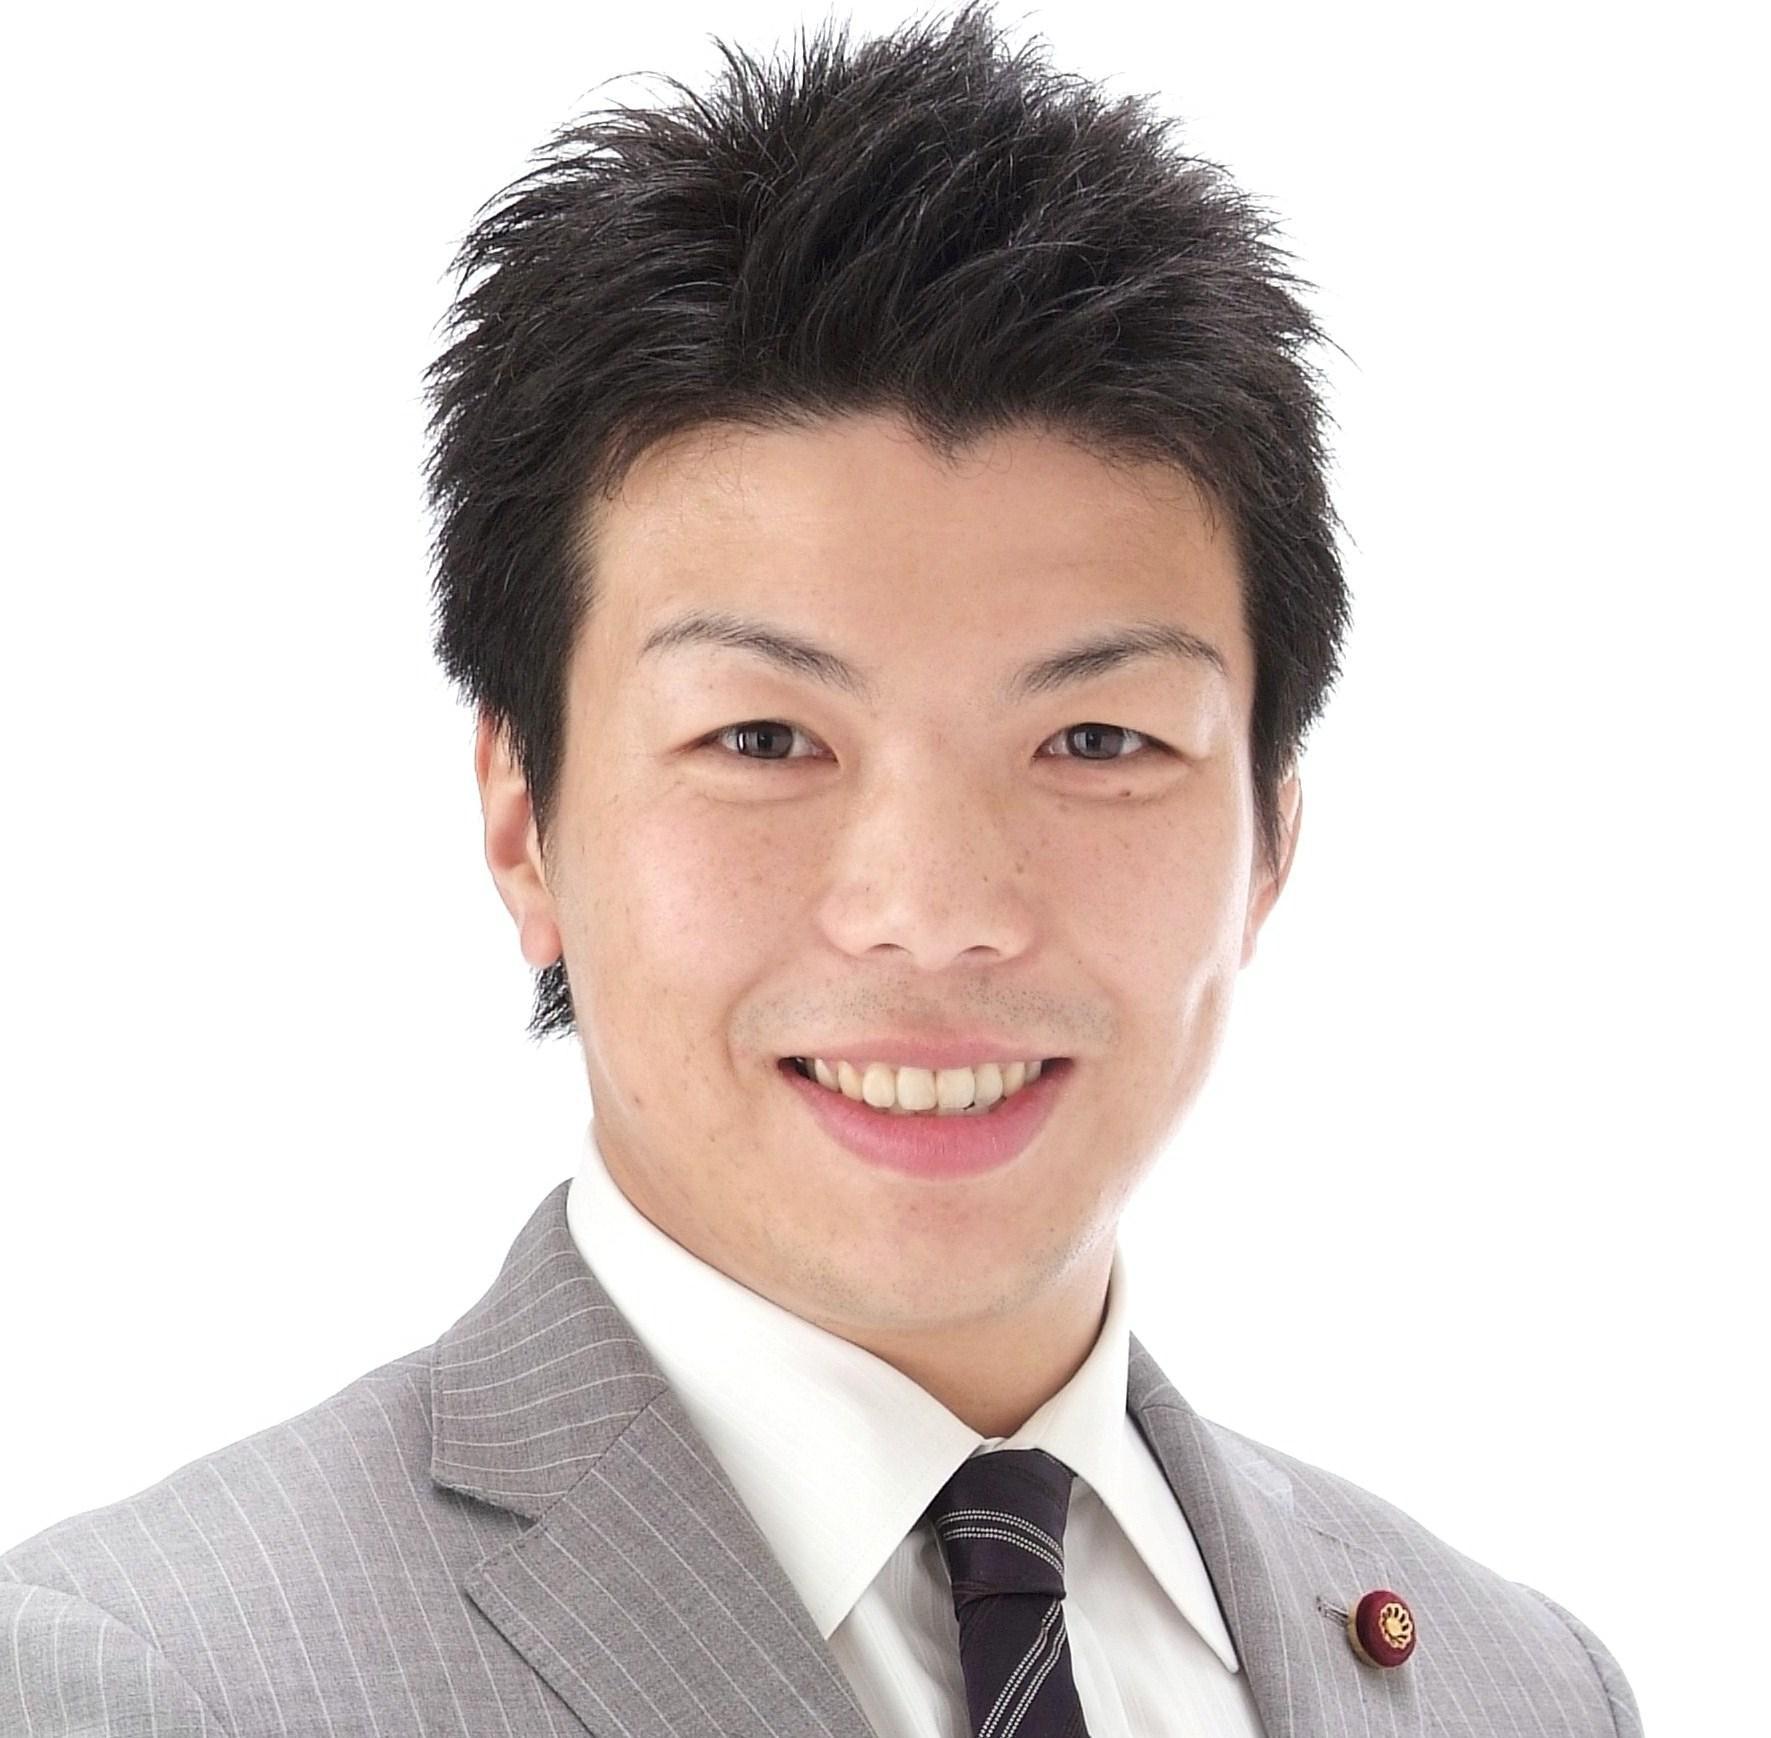 瀧本誠は事件を起こして逮捕?天才と呼ばれている!嫁はいる?